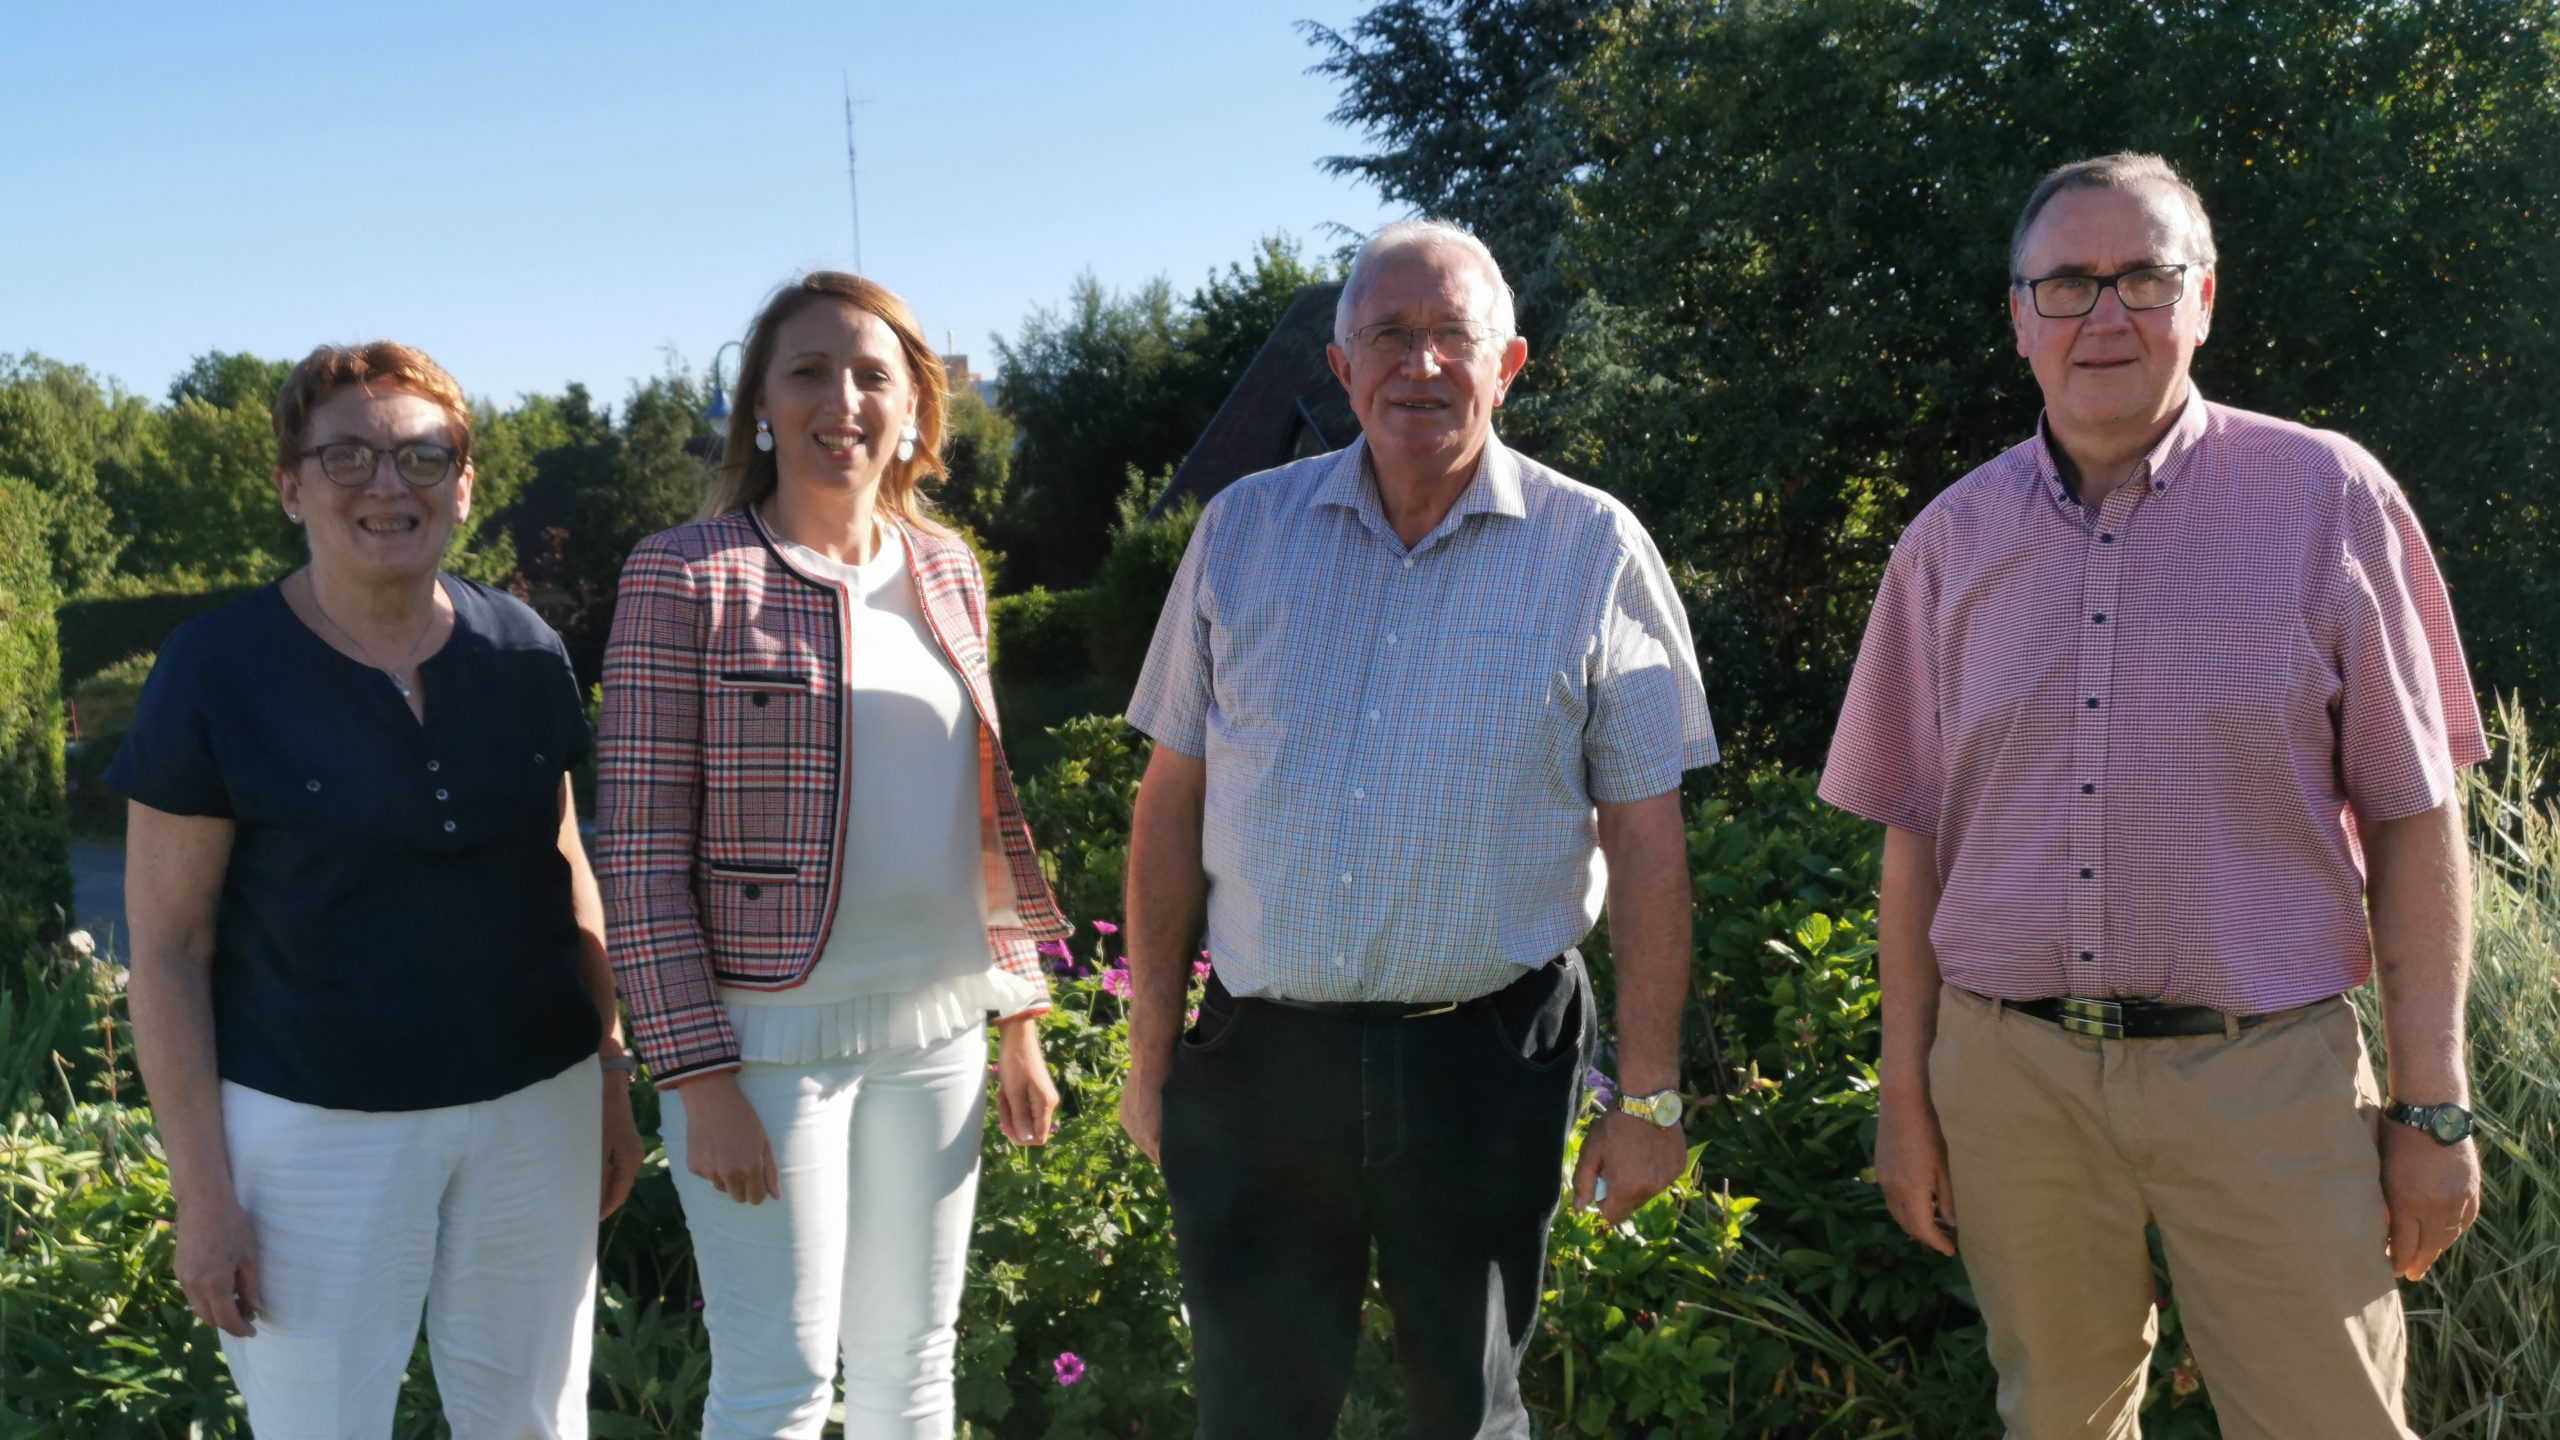 Quatre élus du Ternois pour défendre la droite et le centre dans le canton de Saint-Pol